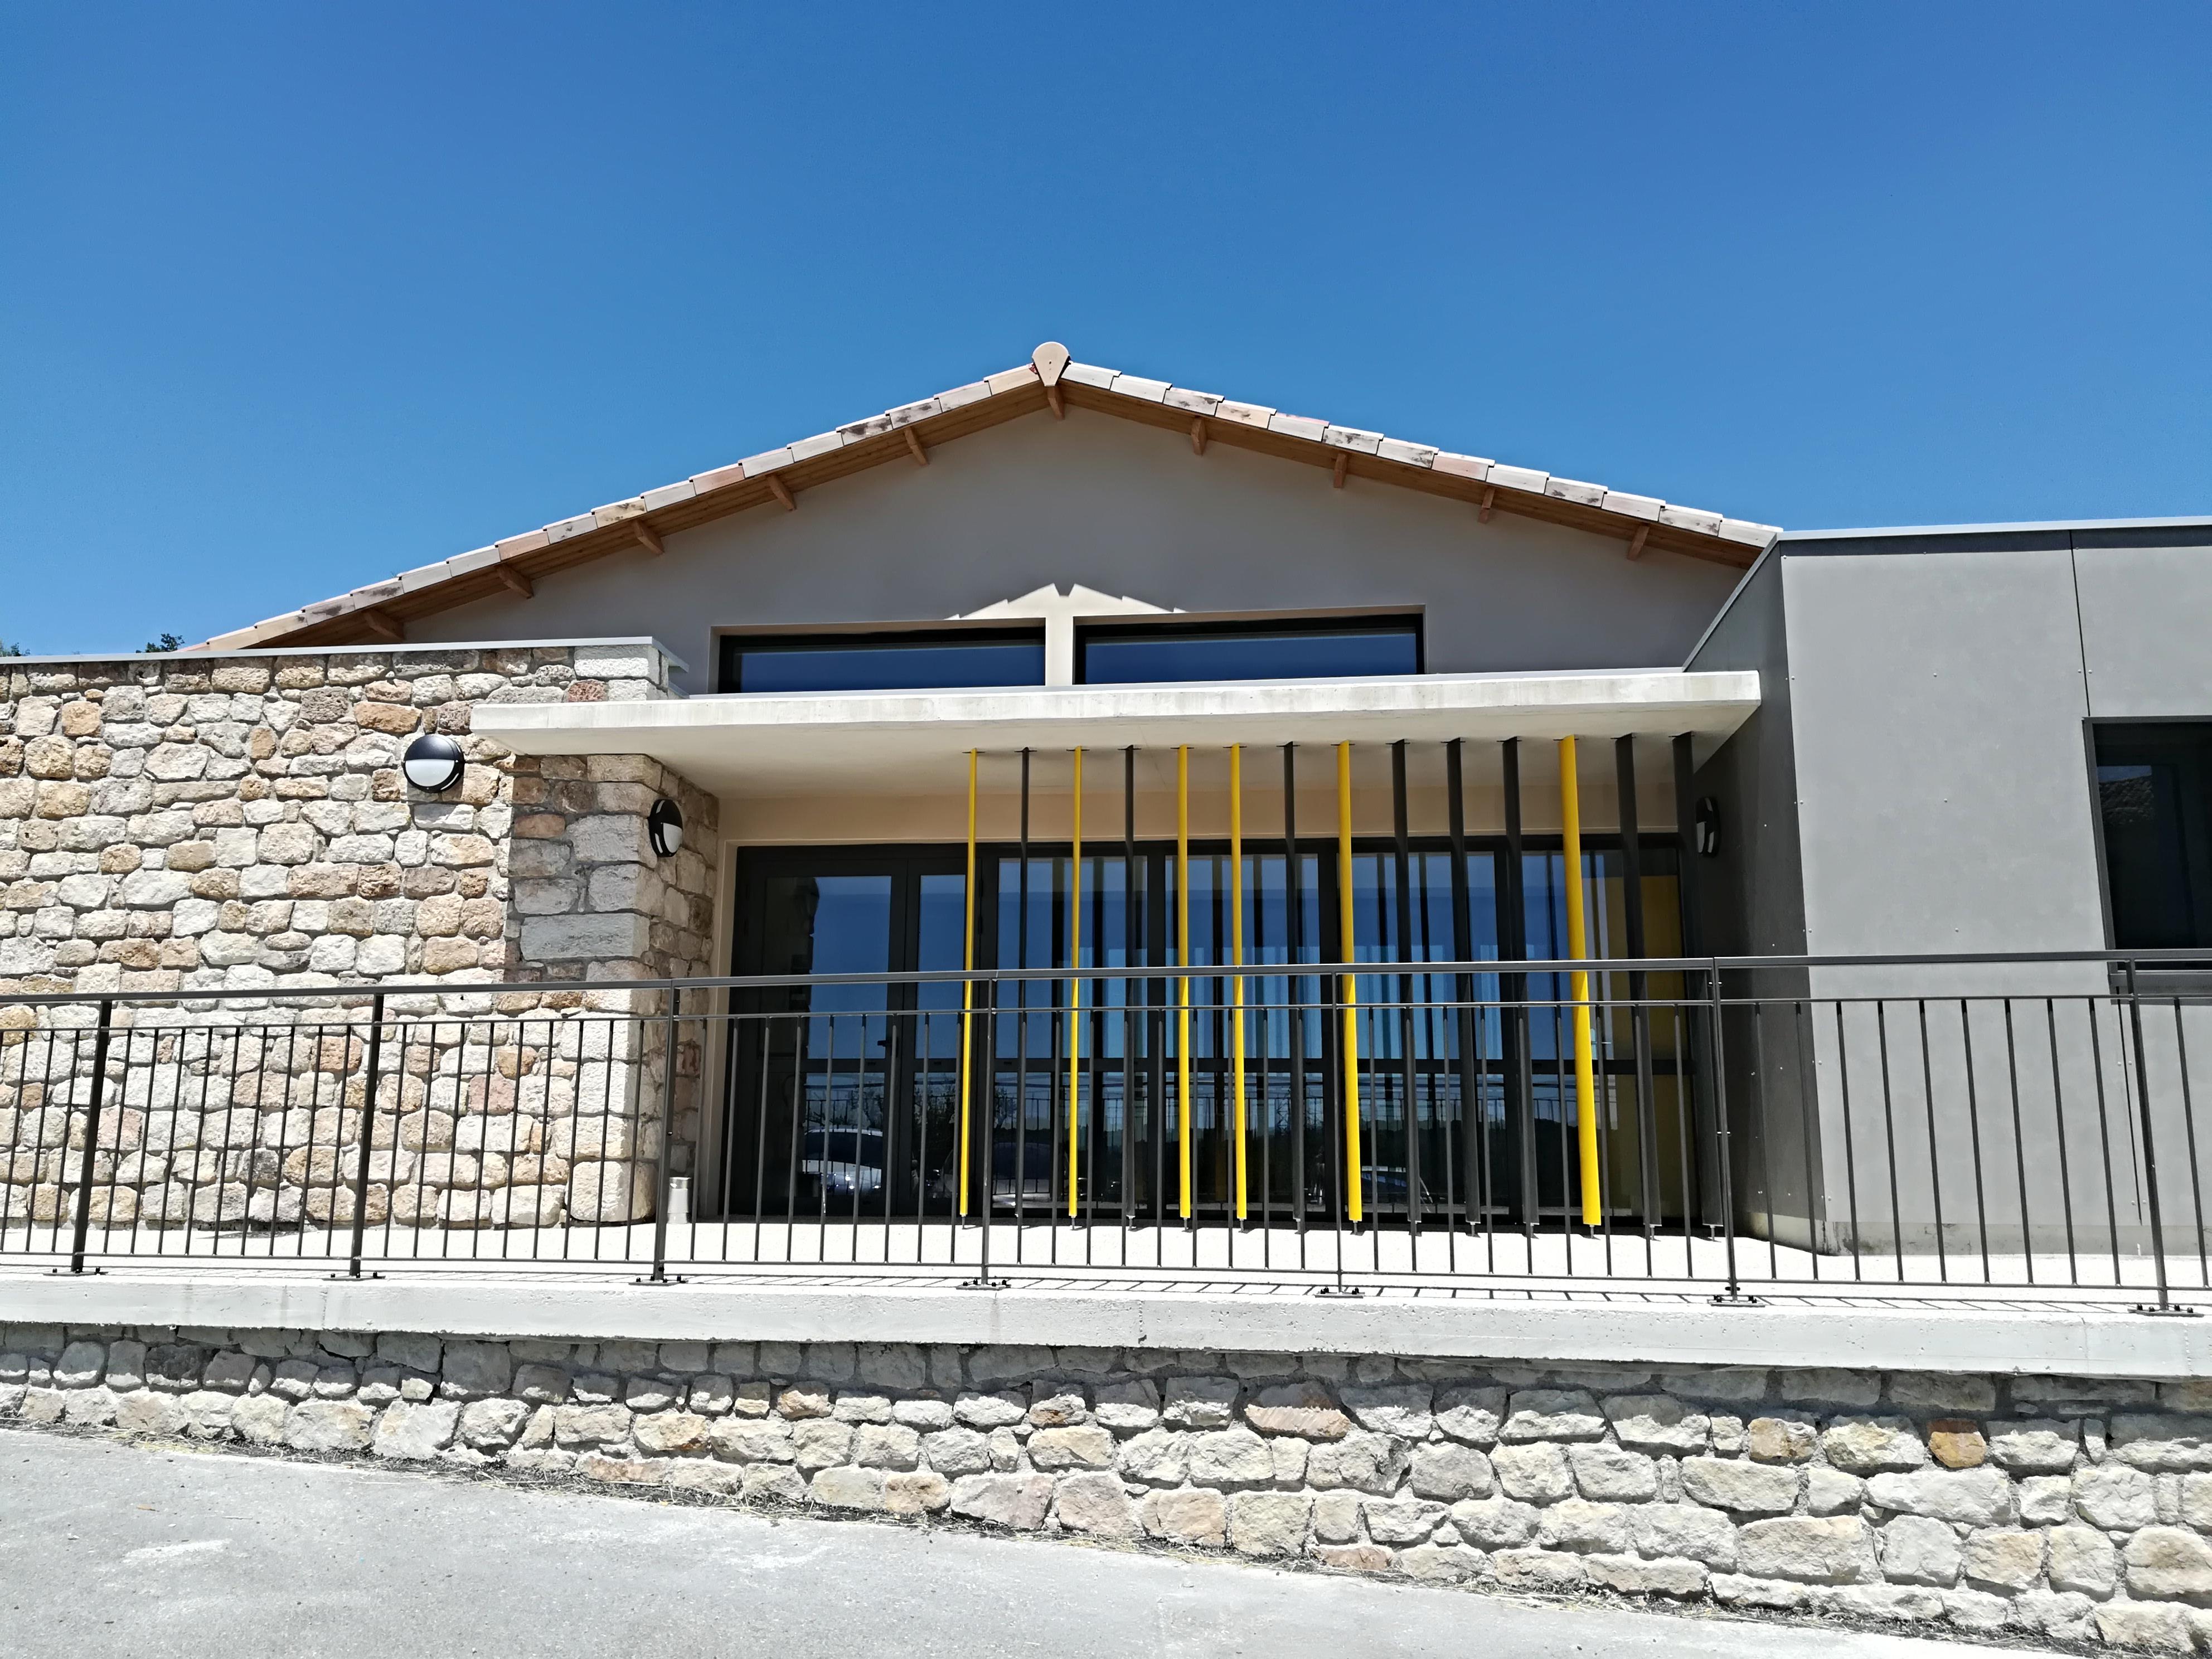 Salle periscolaire et culturelle - Les Assions